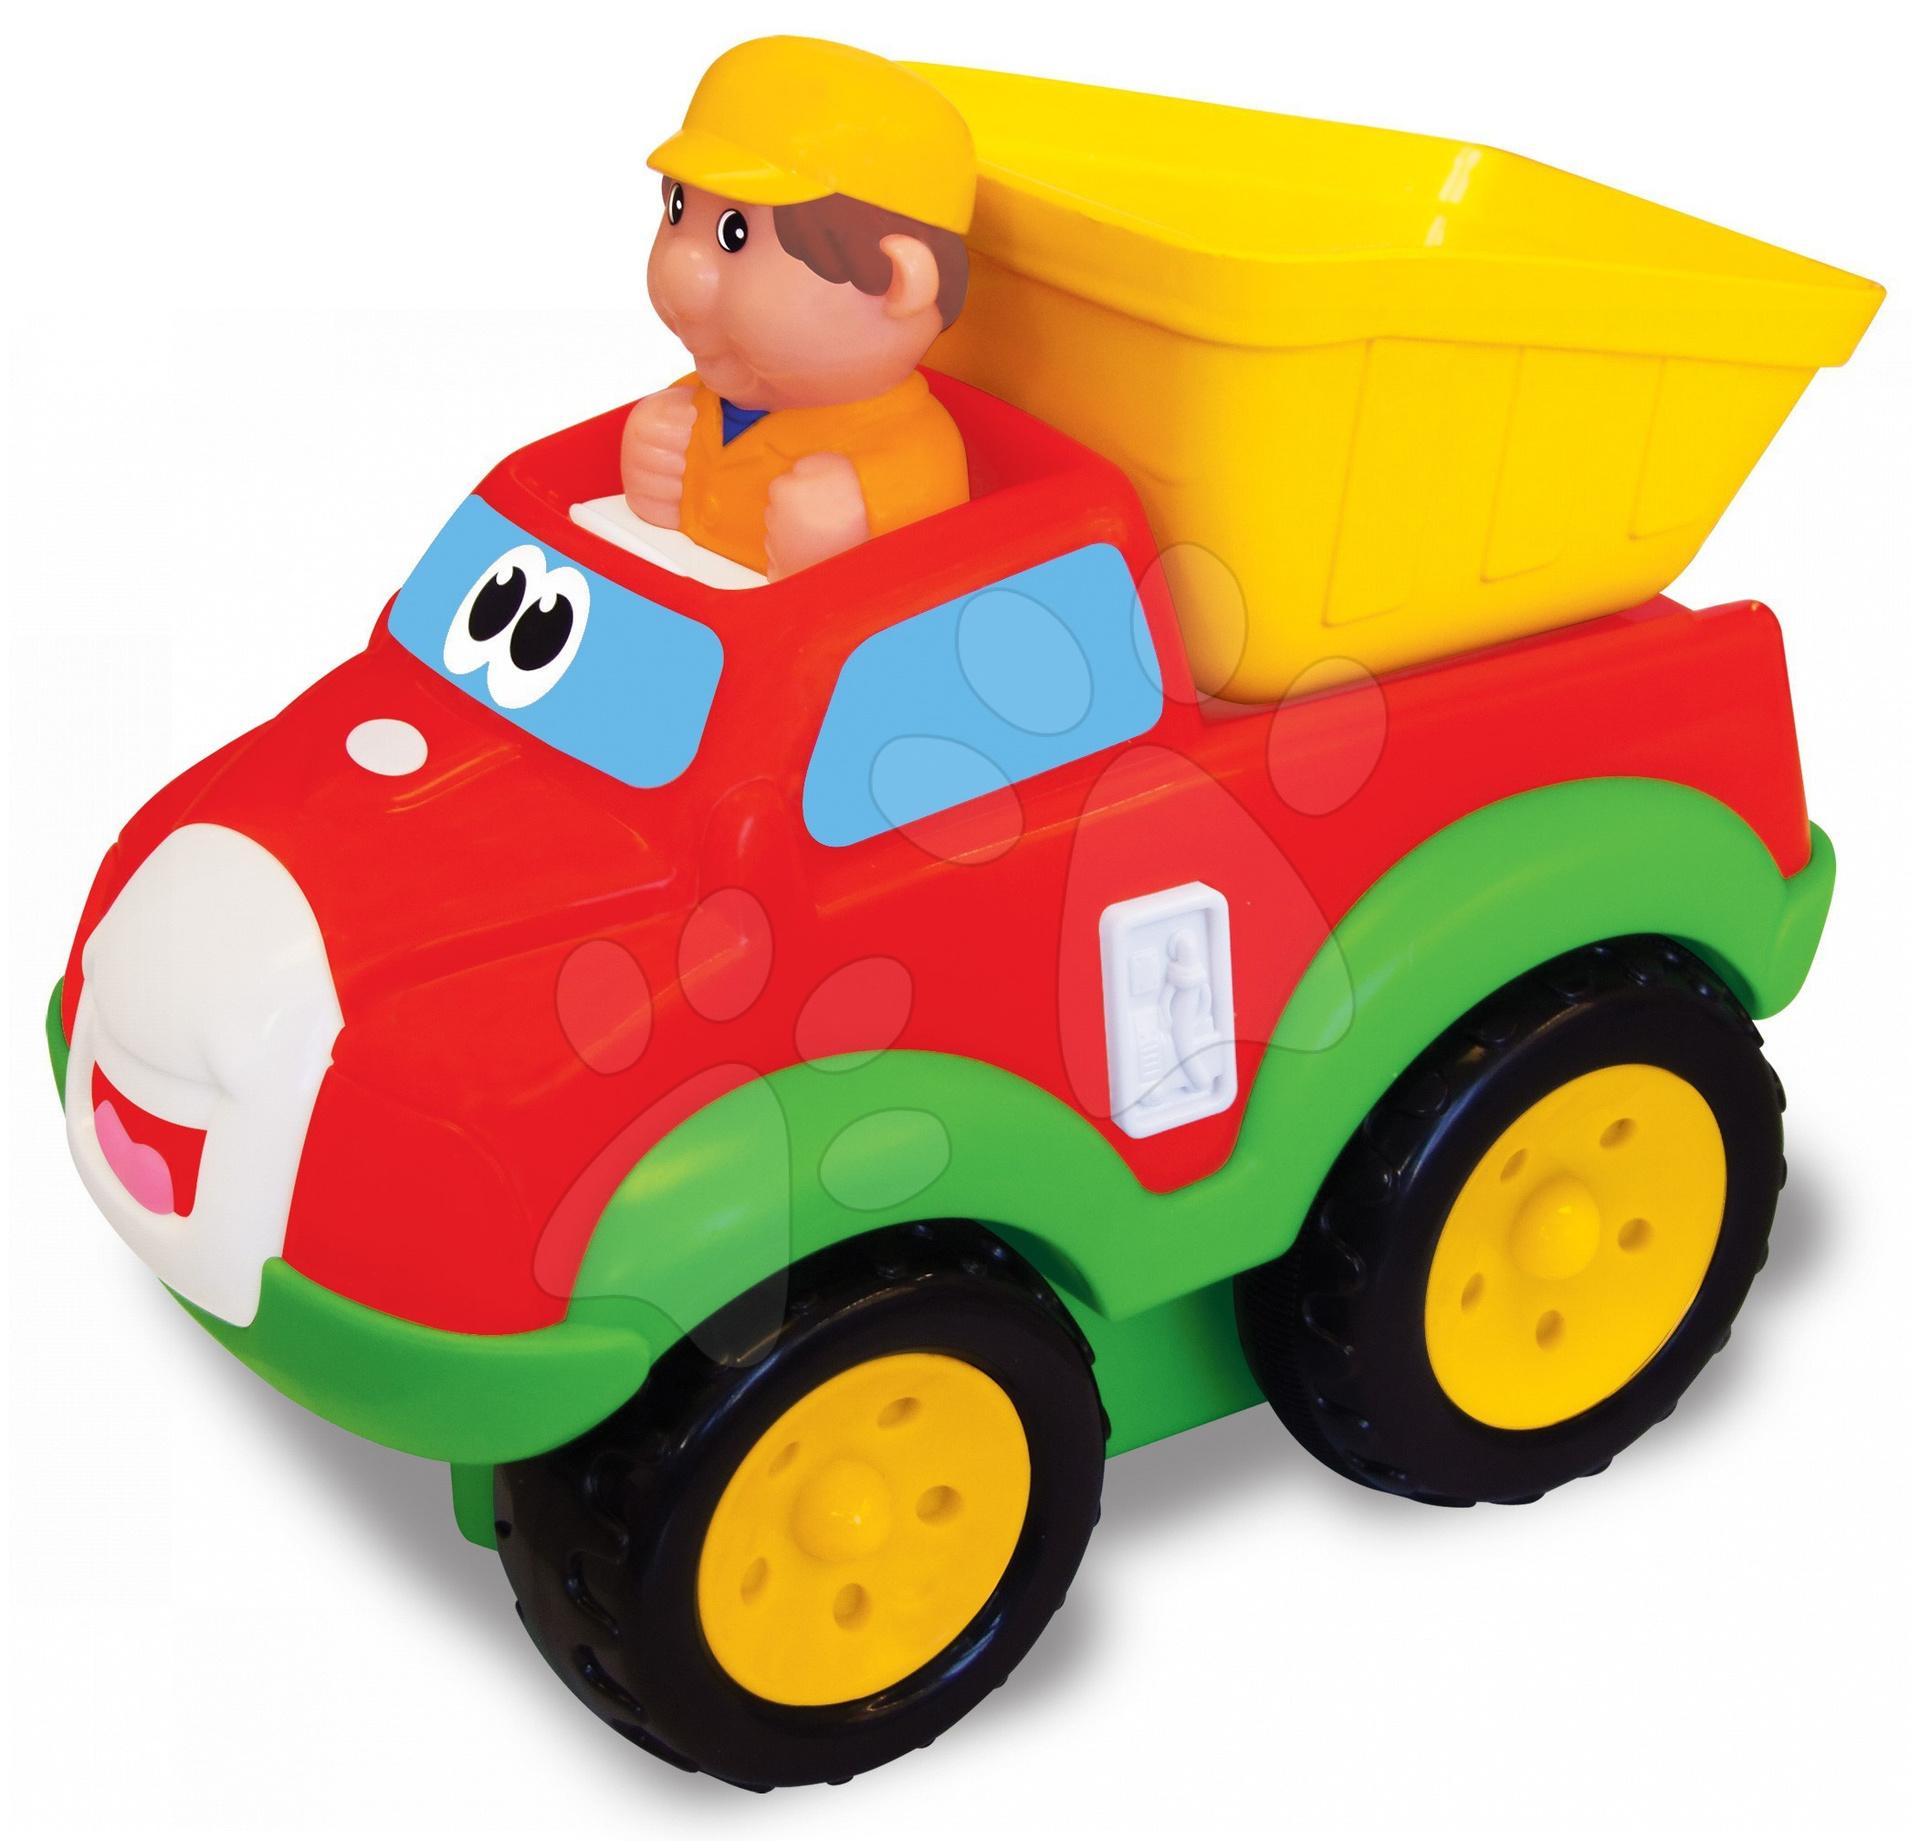 Activity nákladní auto stiskni a jeď Kiddieland od 12 měsíců